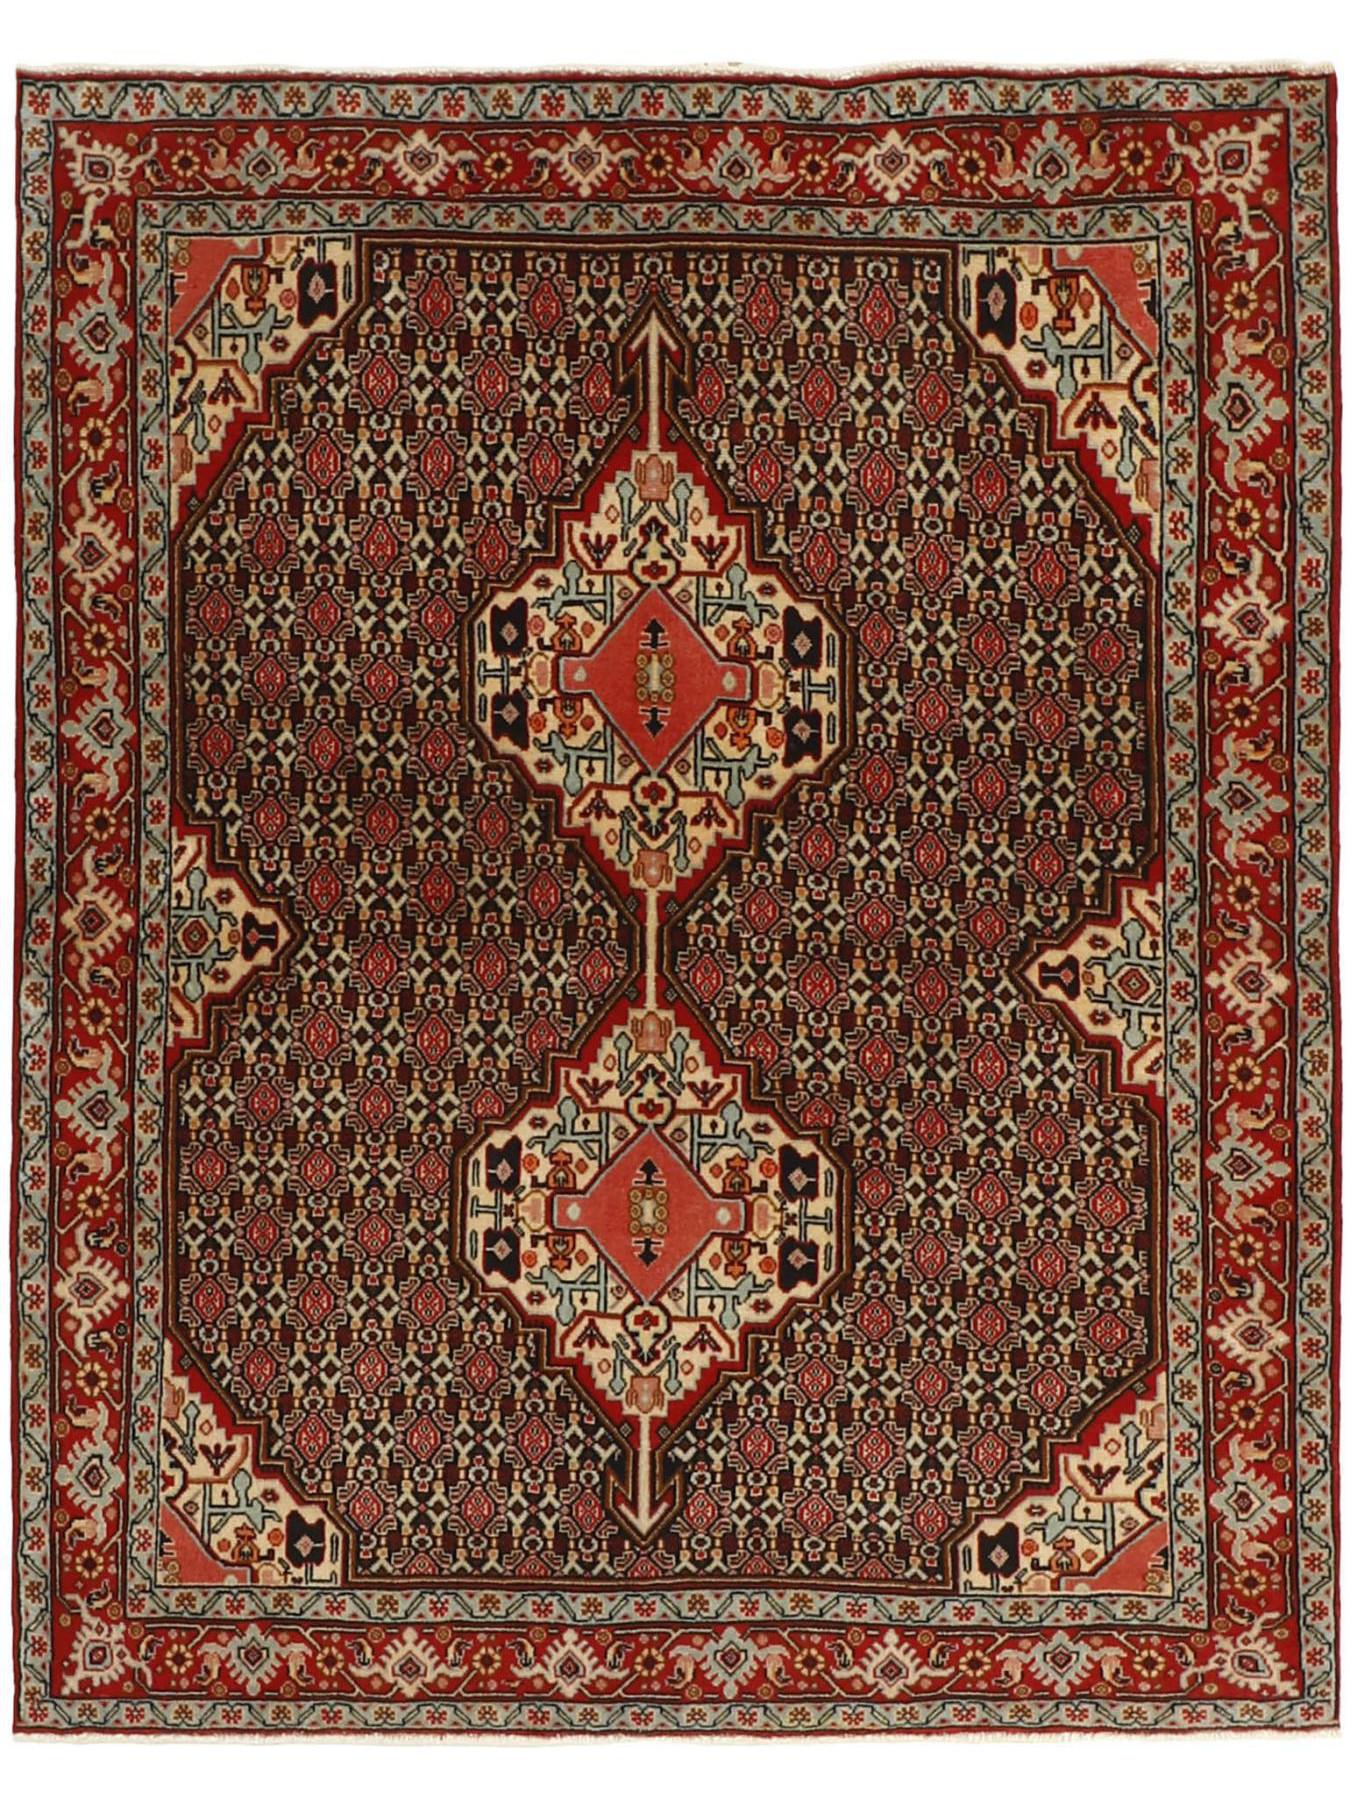 Tapis persans - Senneh